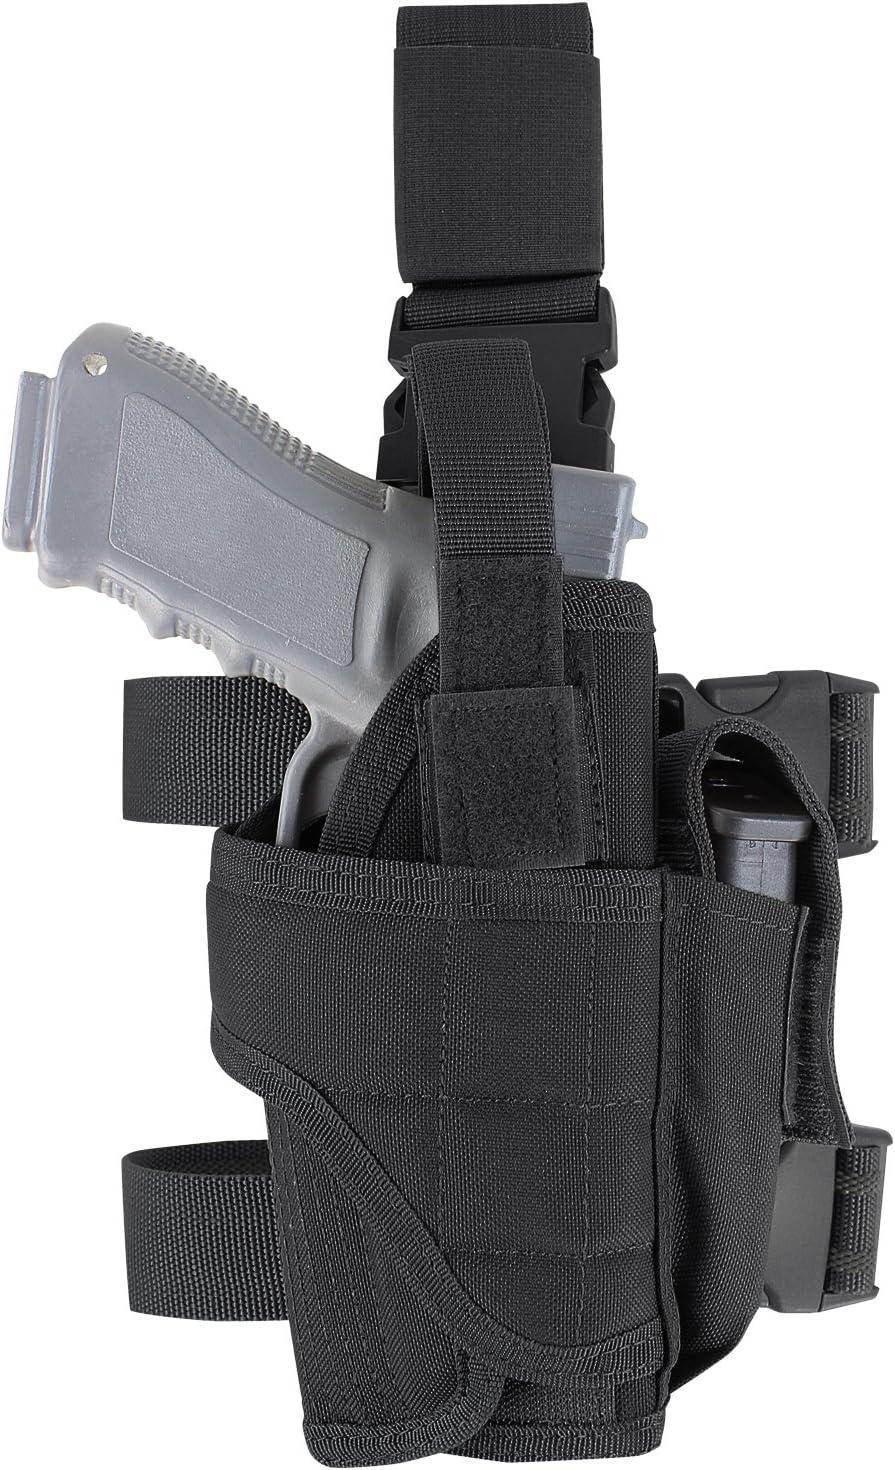 Condor Tornado Tactical, Leg Holster-Universal Drop Leg Holster